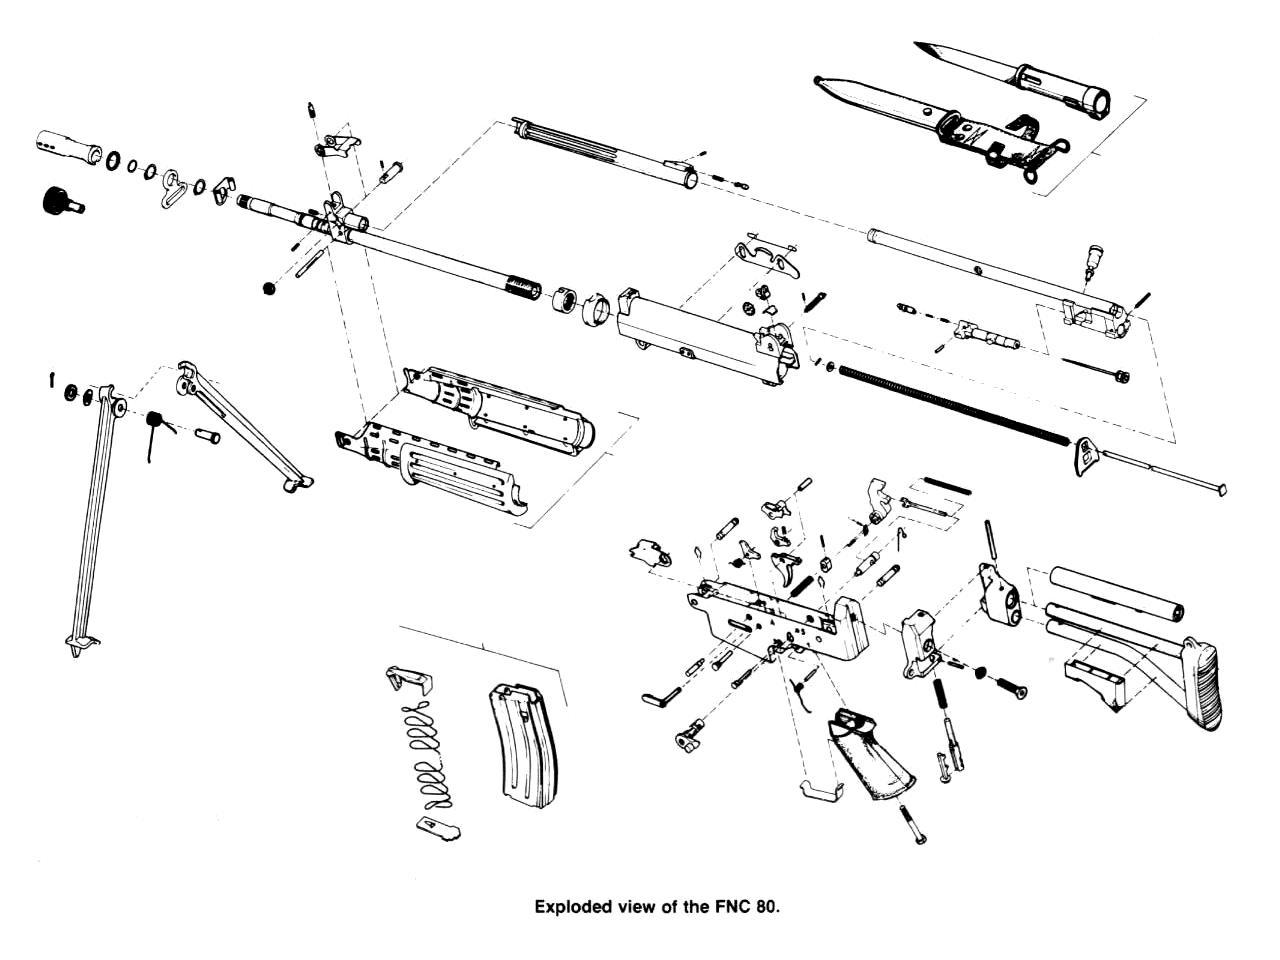 FN FNC diagram